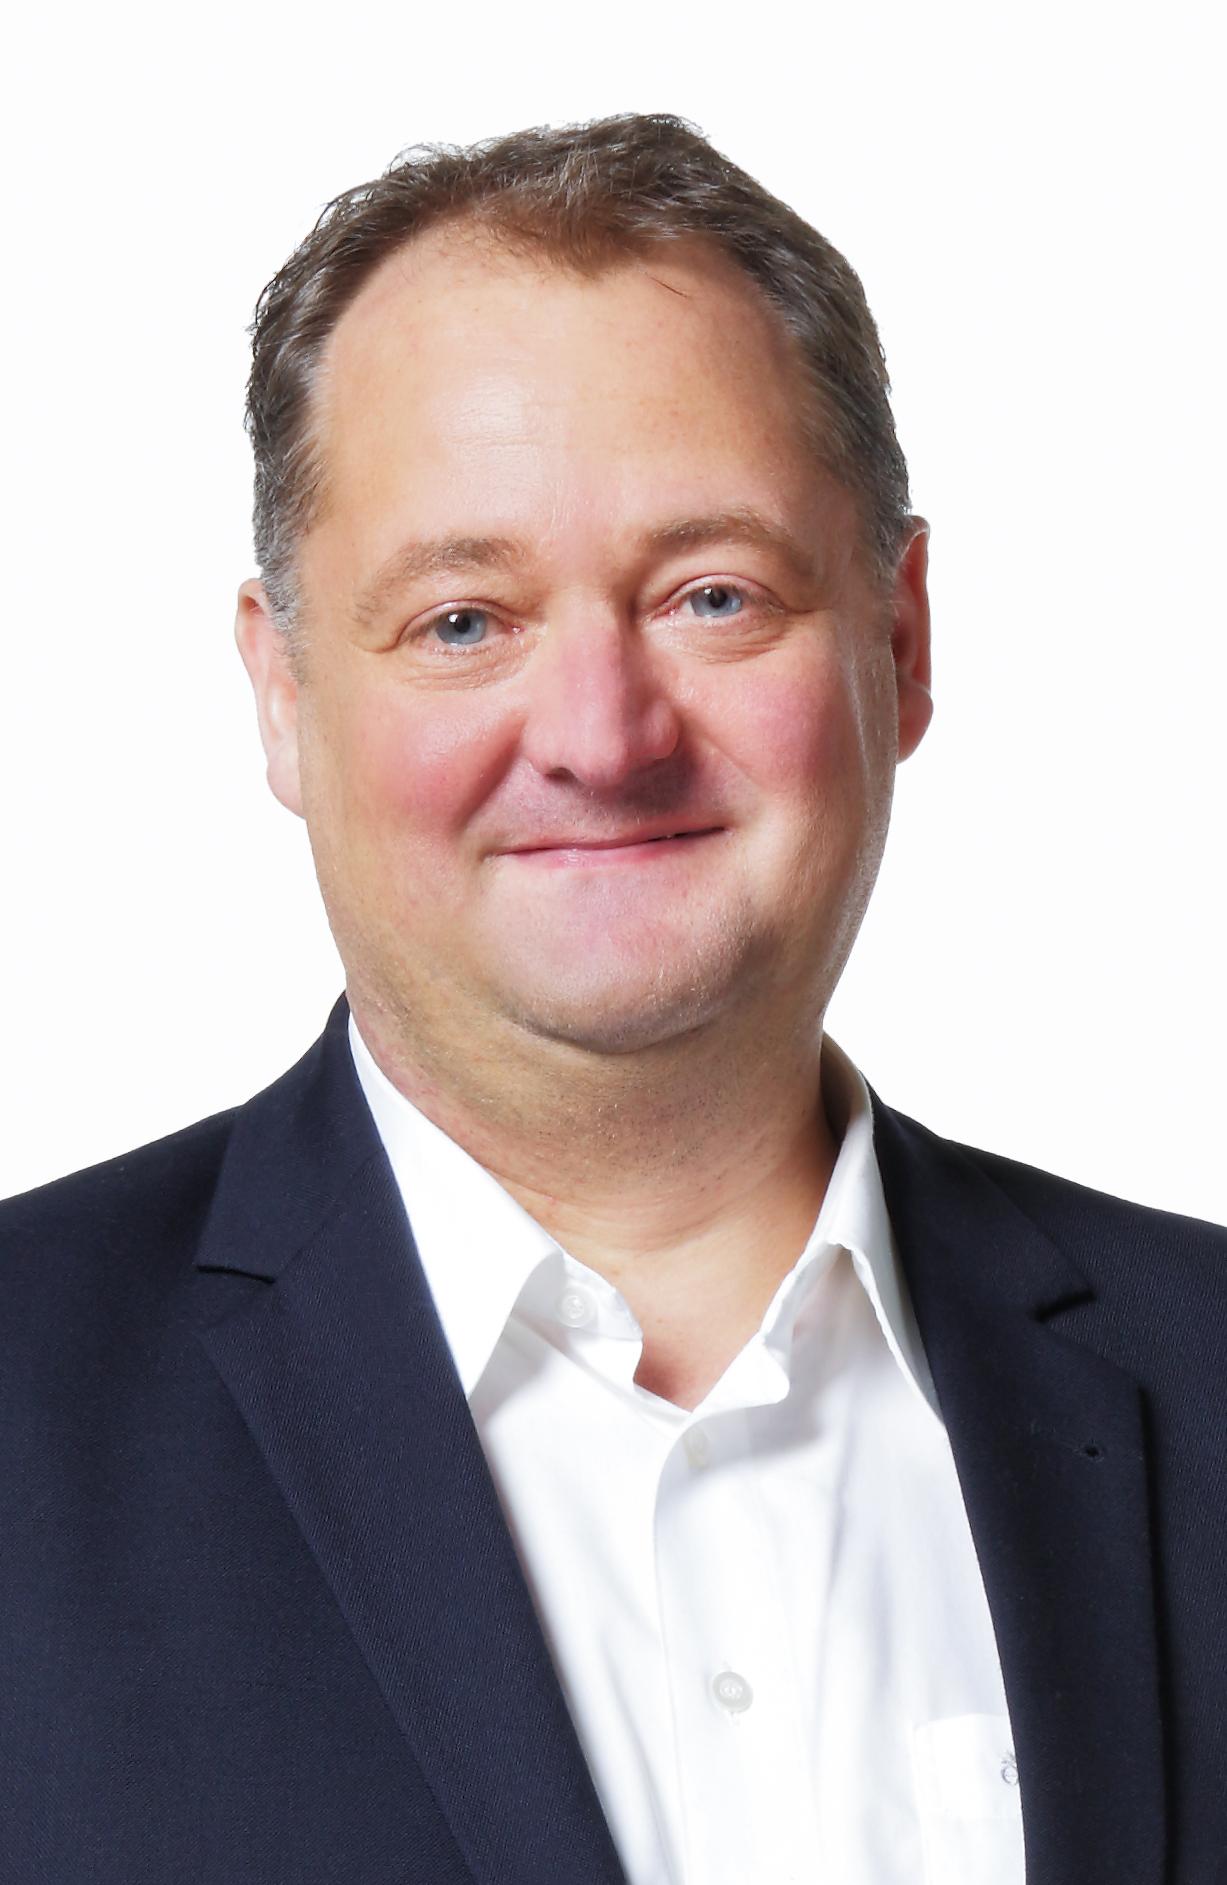 Netzwerkdraht Stefan Latsch